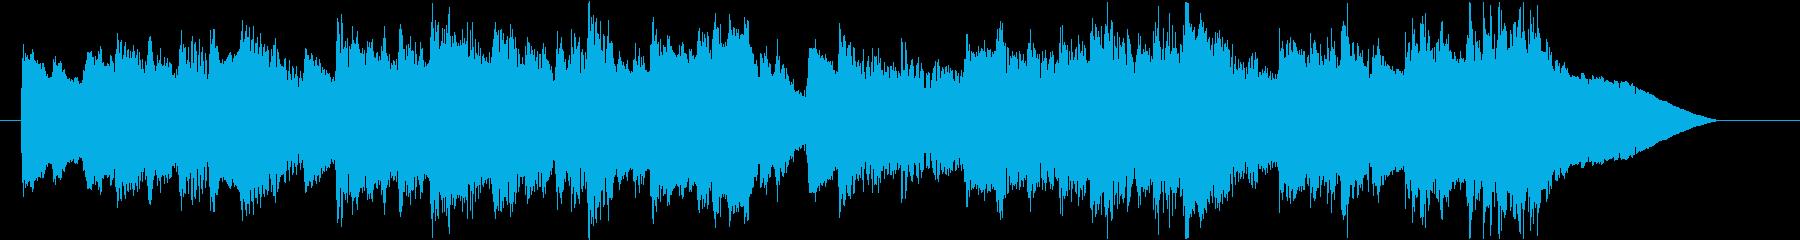 優雅なチェンバロのバロック風ジングル2の再生済みの波形